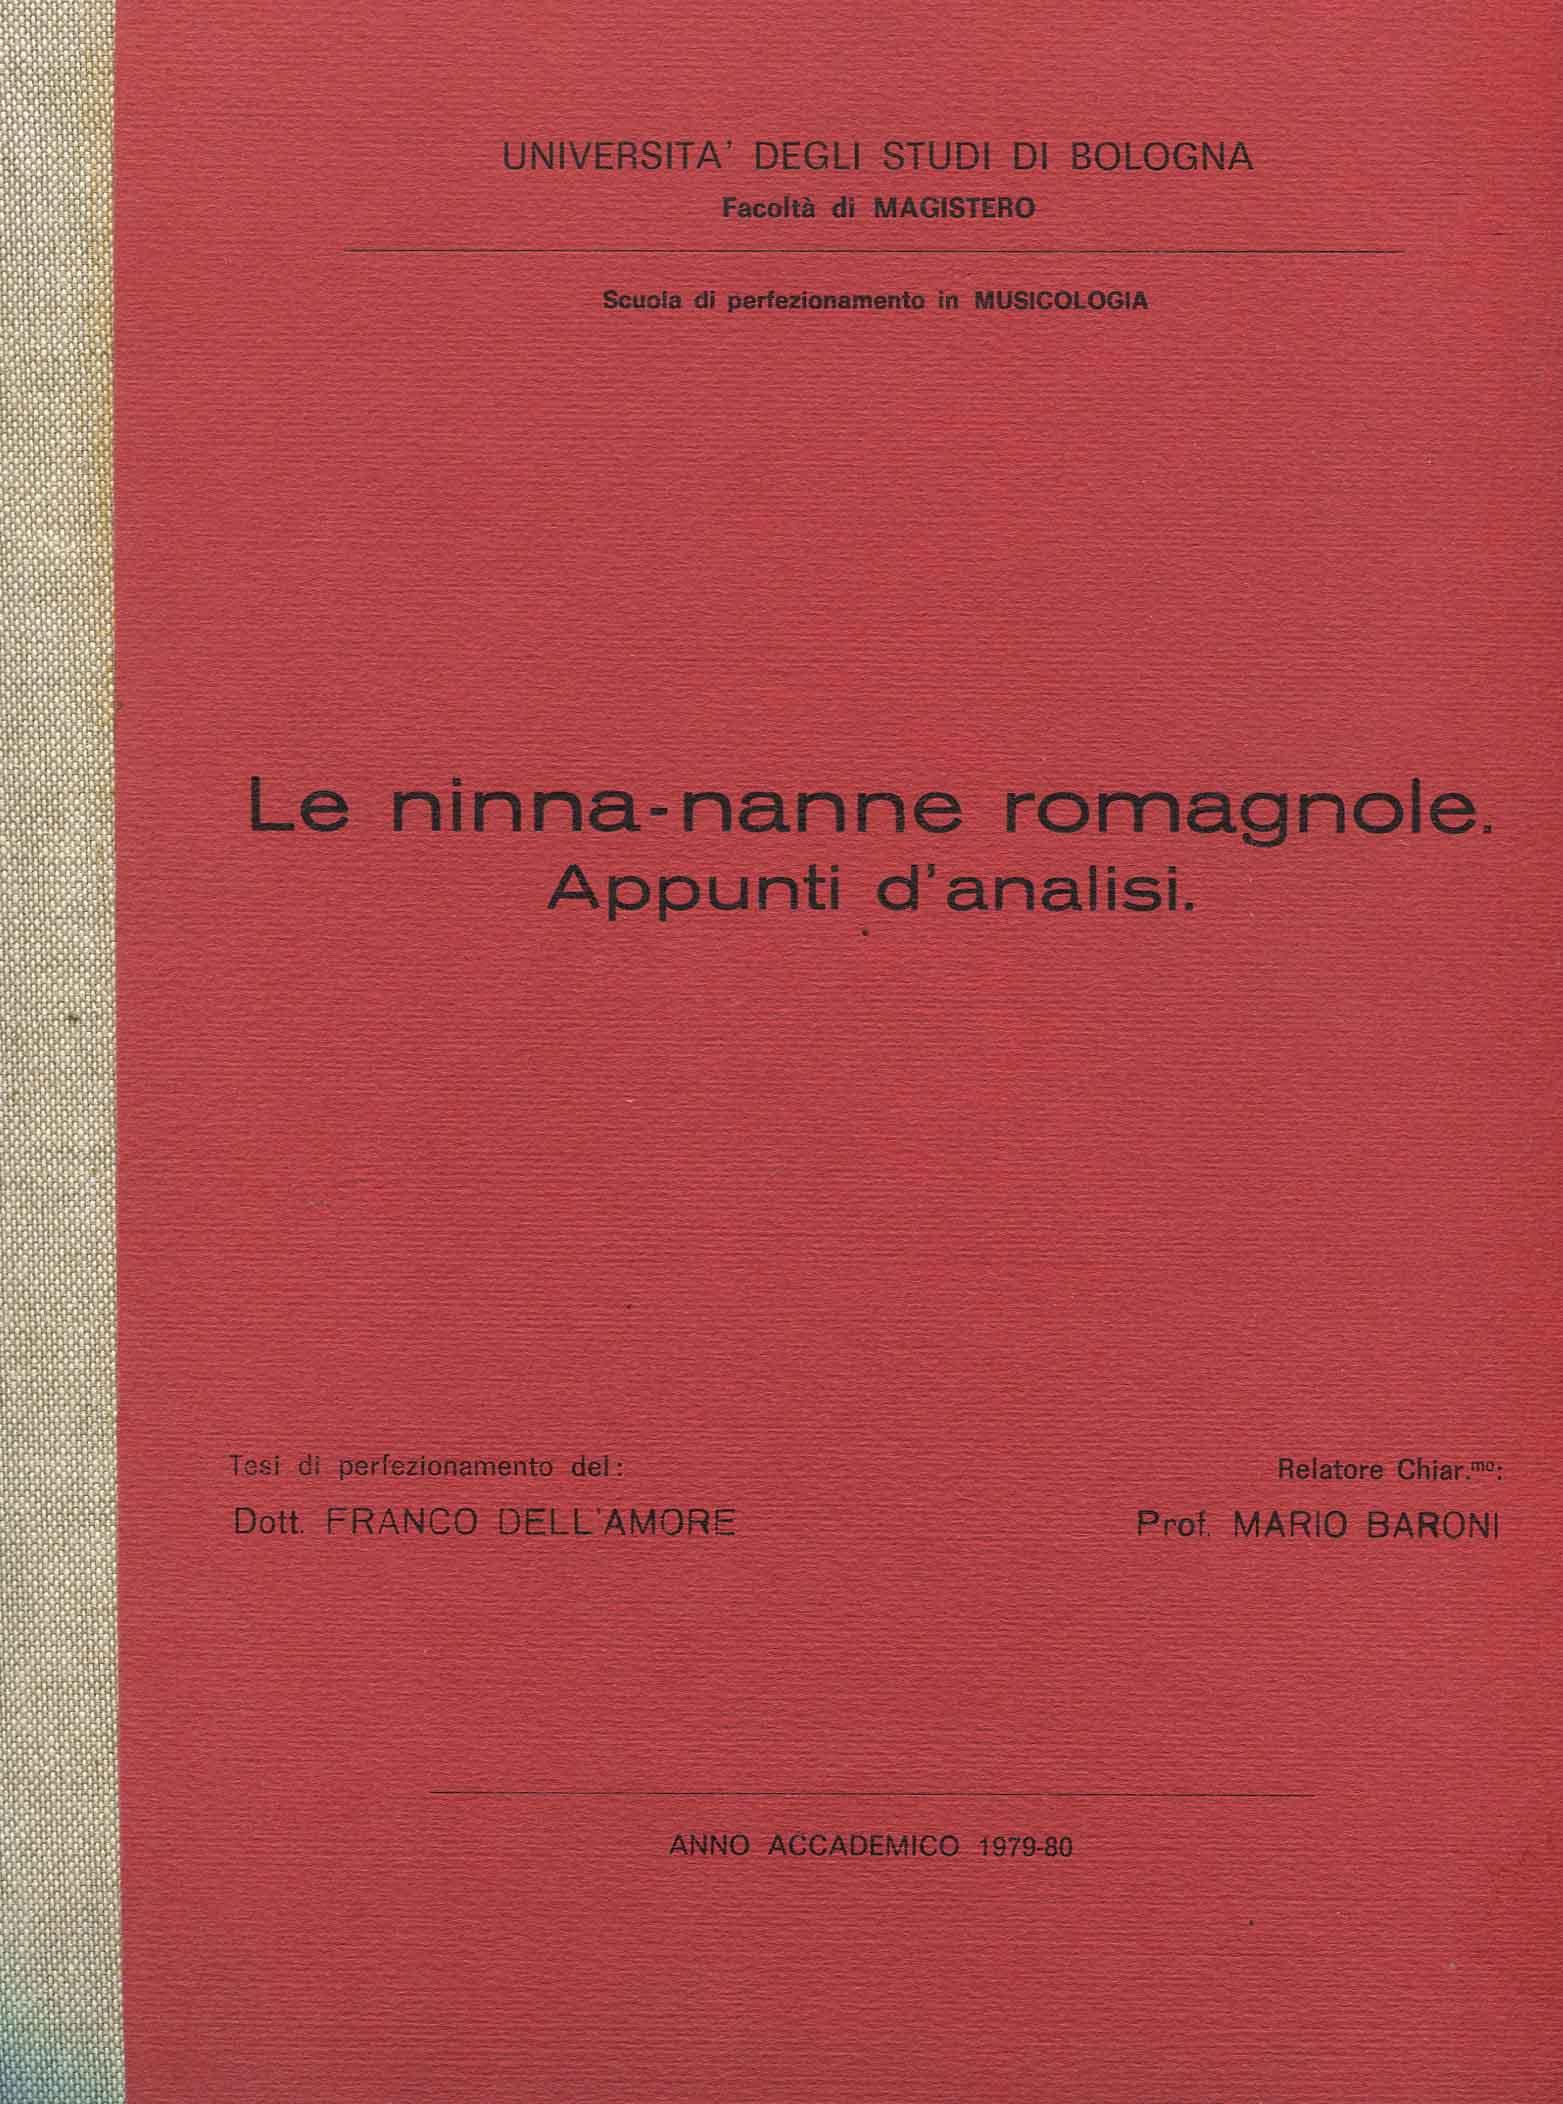 Le ninne-nanne romagnole : appunti d